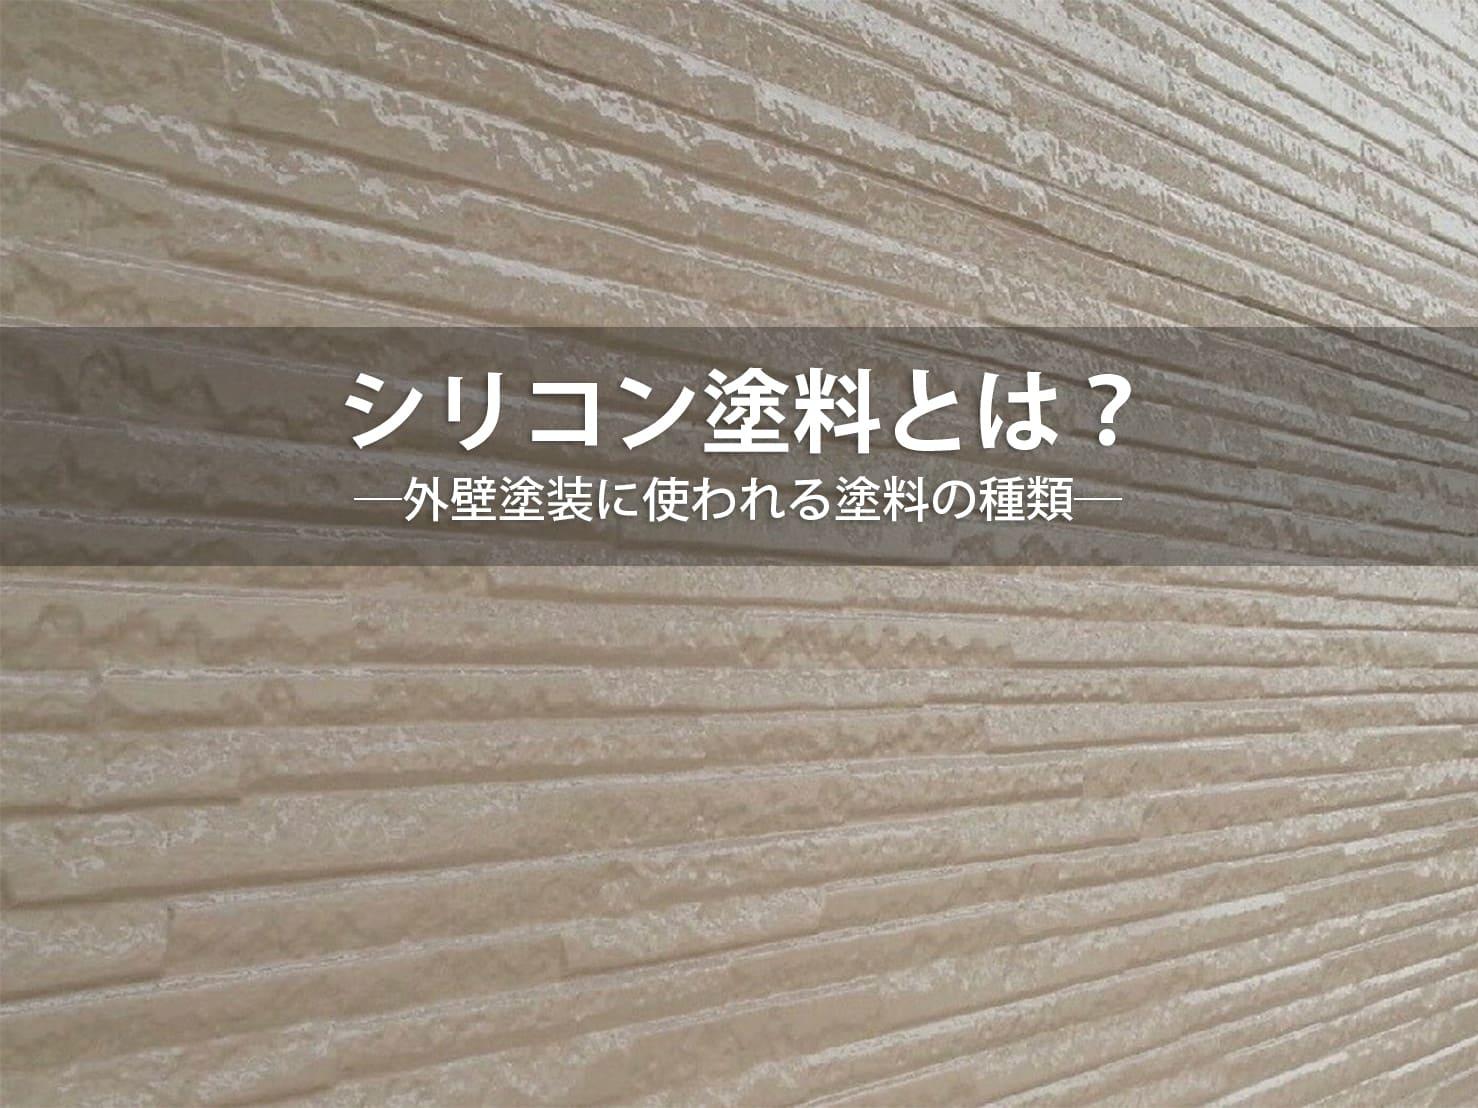 シリコン塗料とは?―外壁塗装に使われる塗料の種類―